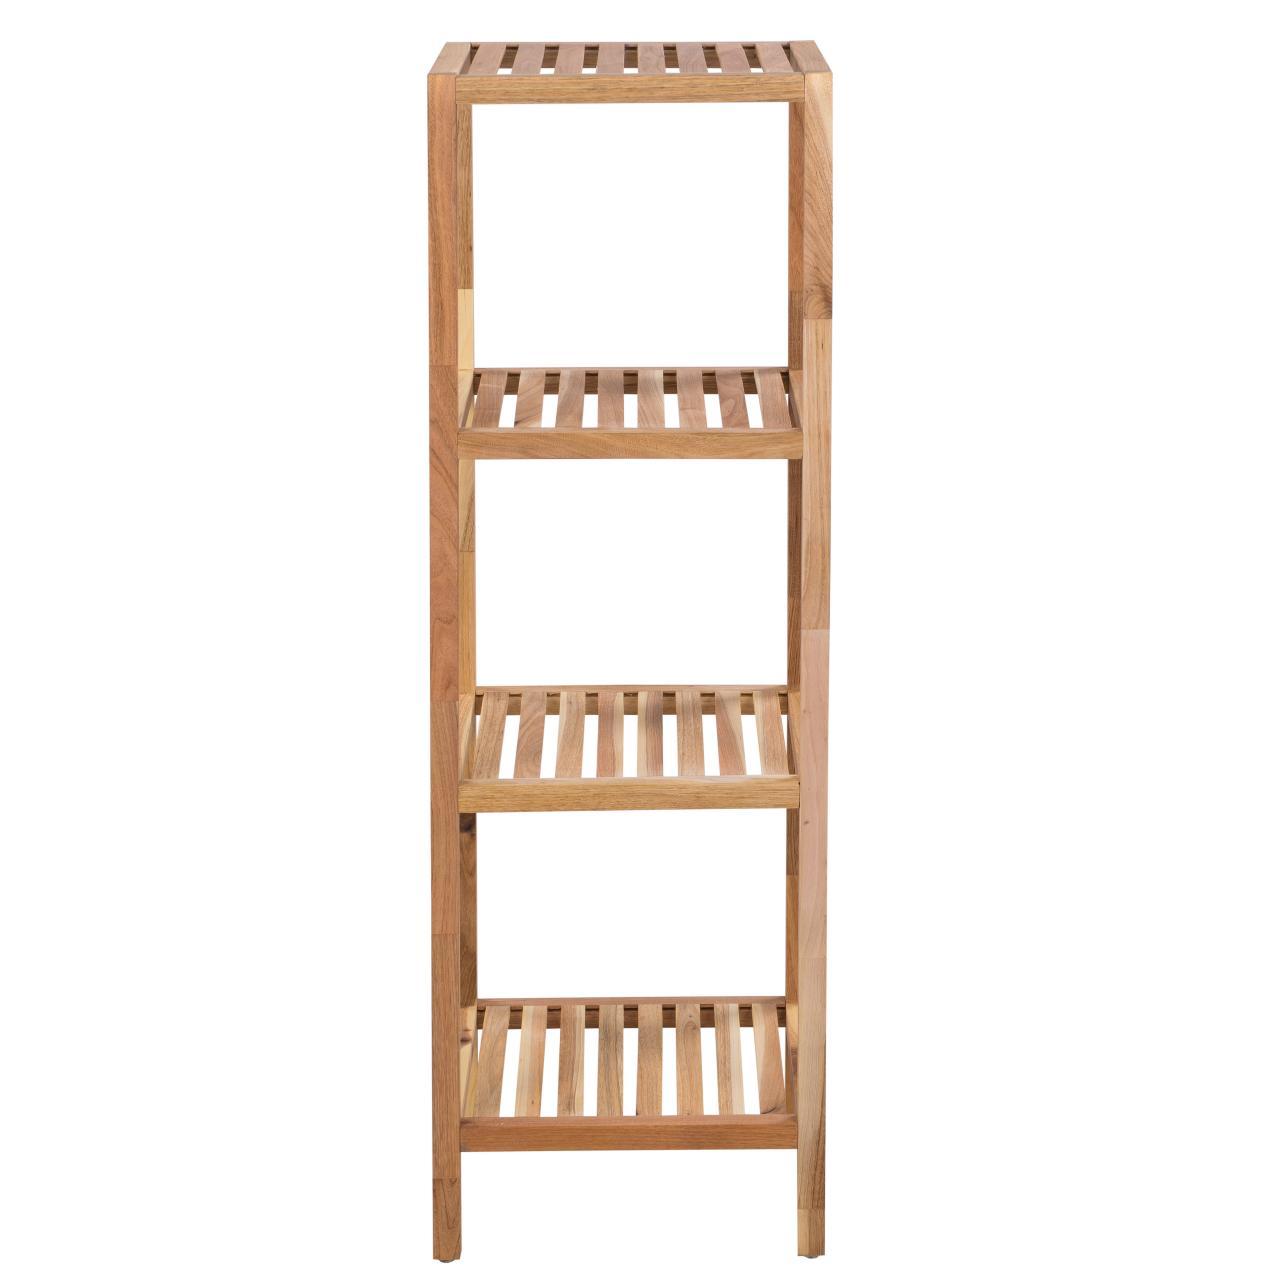 badregal holz badezimmerregal regal bad holzregal. Black Bedroom Furniture Sets. Home Design Ideas